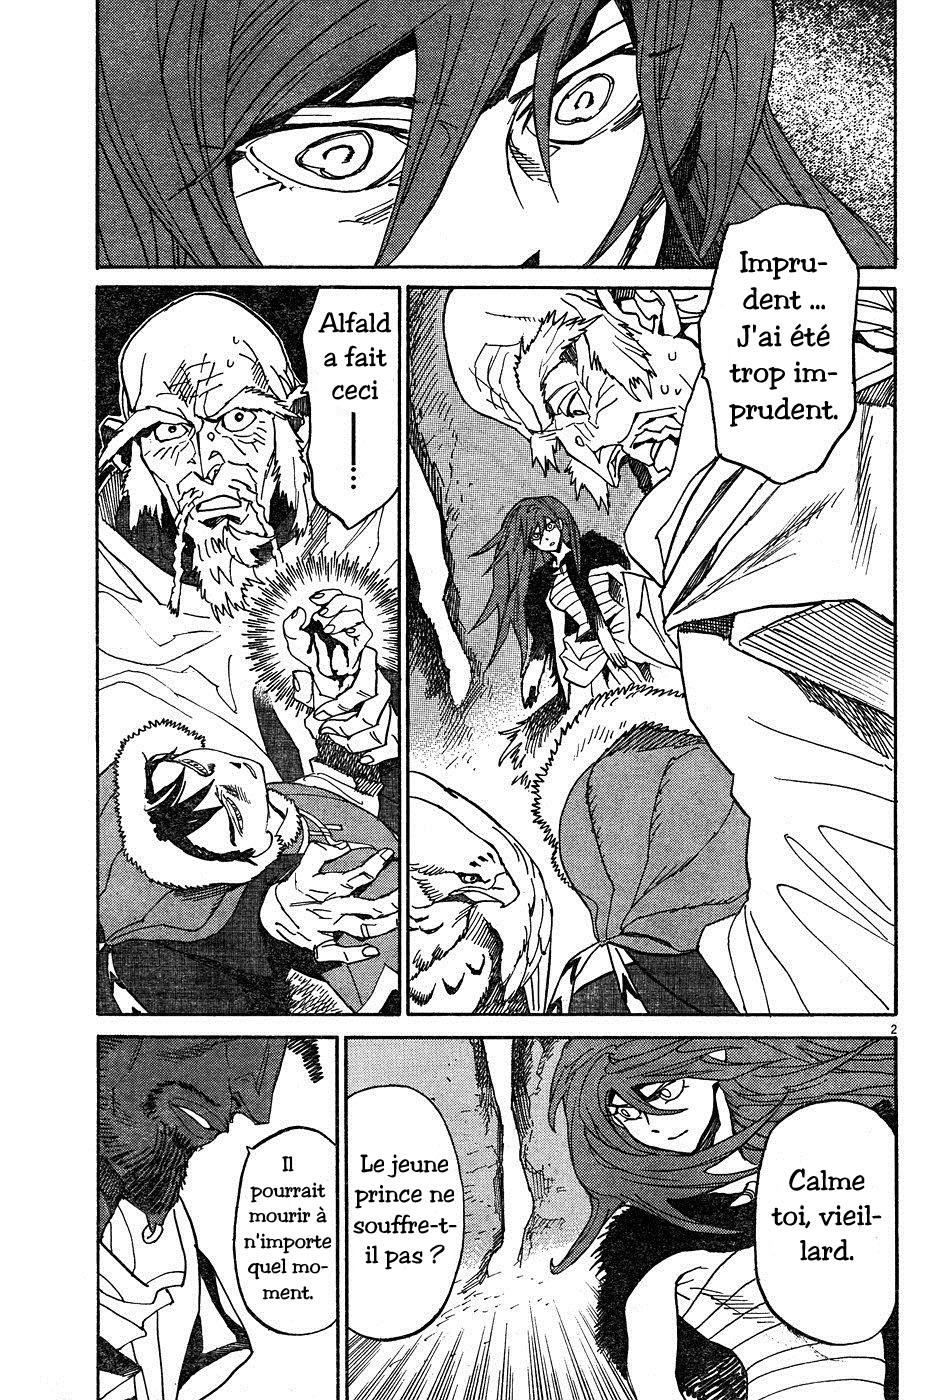 https://nine.mangadogs.com/fr_manga/pic1/30/1118/48288/ShutHell16VF_1_862.jpg Page 2